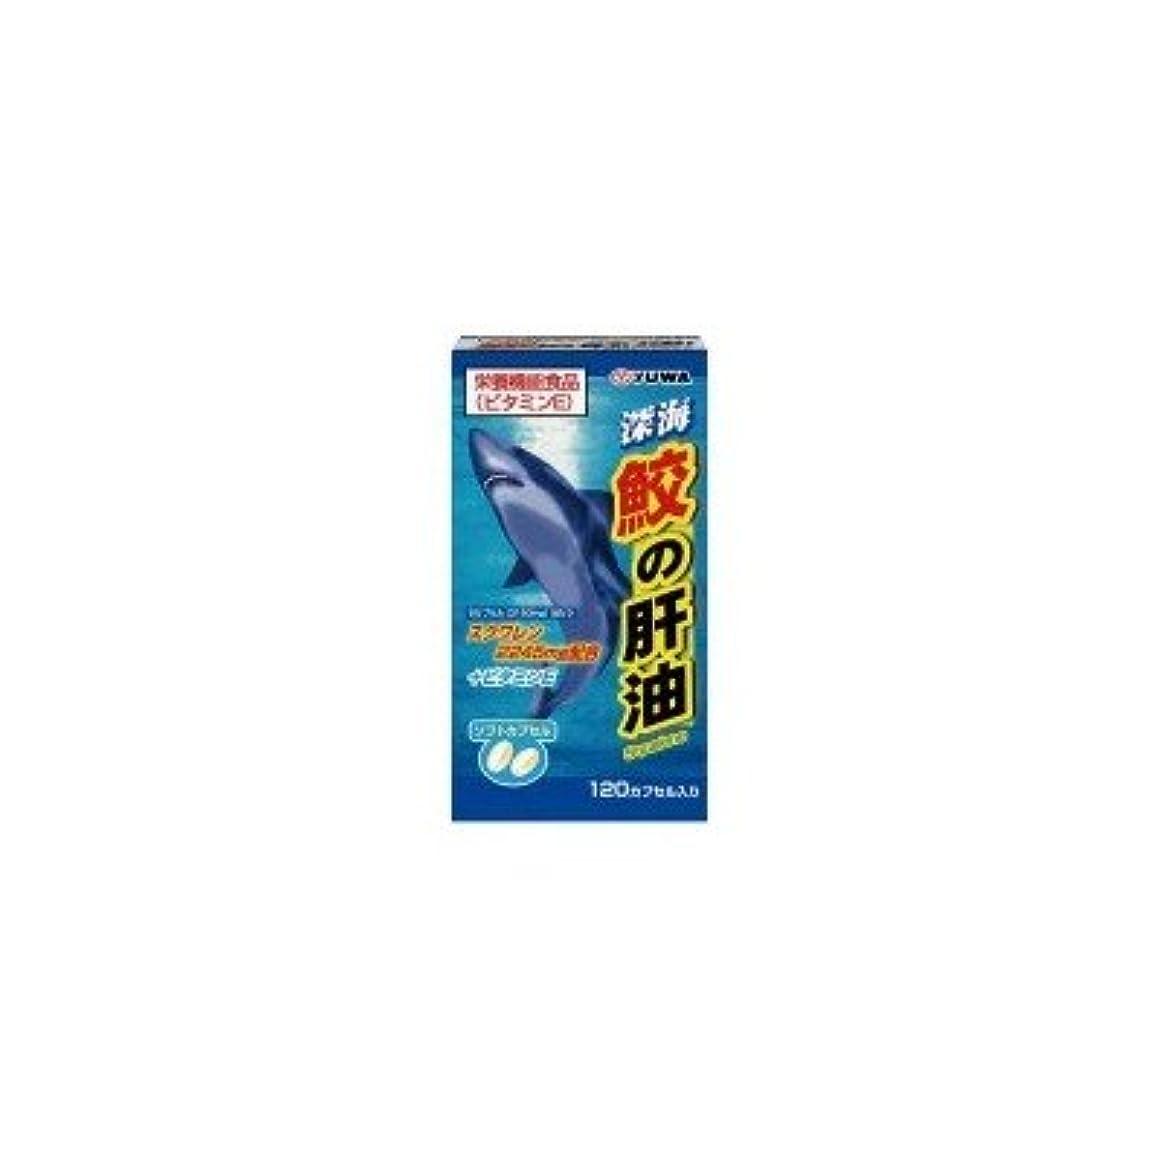 階段強制的バンカーユーワ 深海鮫の肝油 栄養機能食品(ビタミンE) 120カプセル (品番:1869)